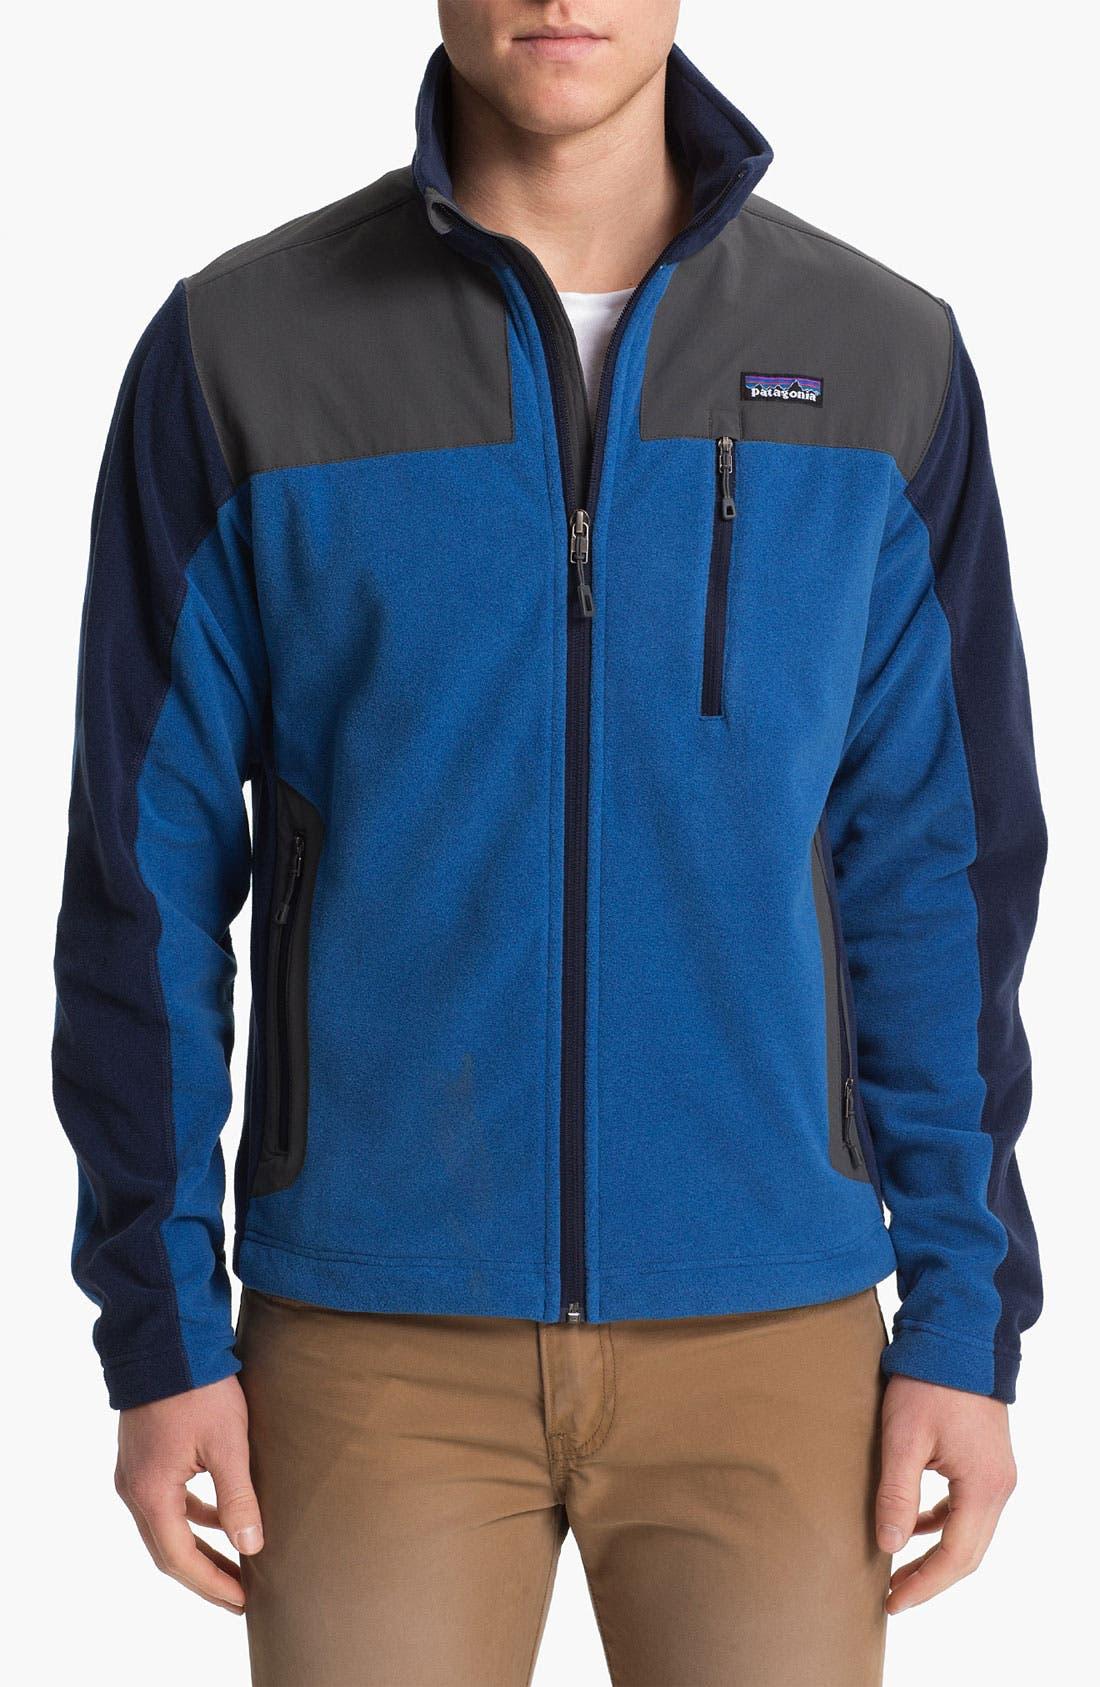 Alternate Image 1 Selected - Patagonia 'Cedars' Zip Fleece Jacket